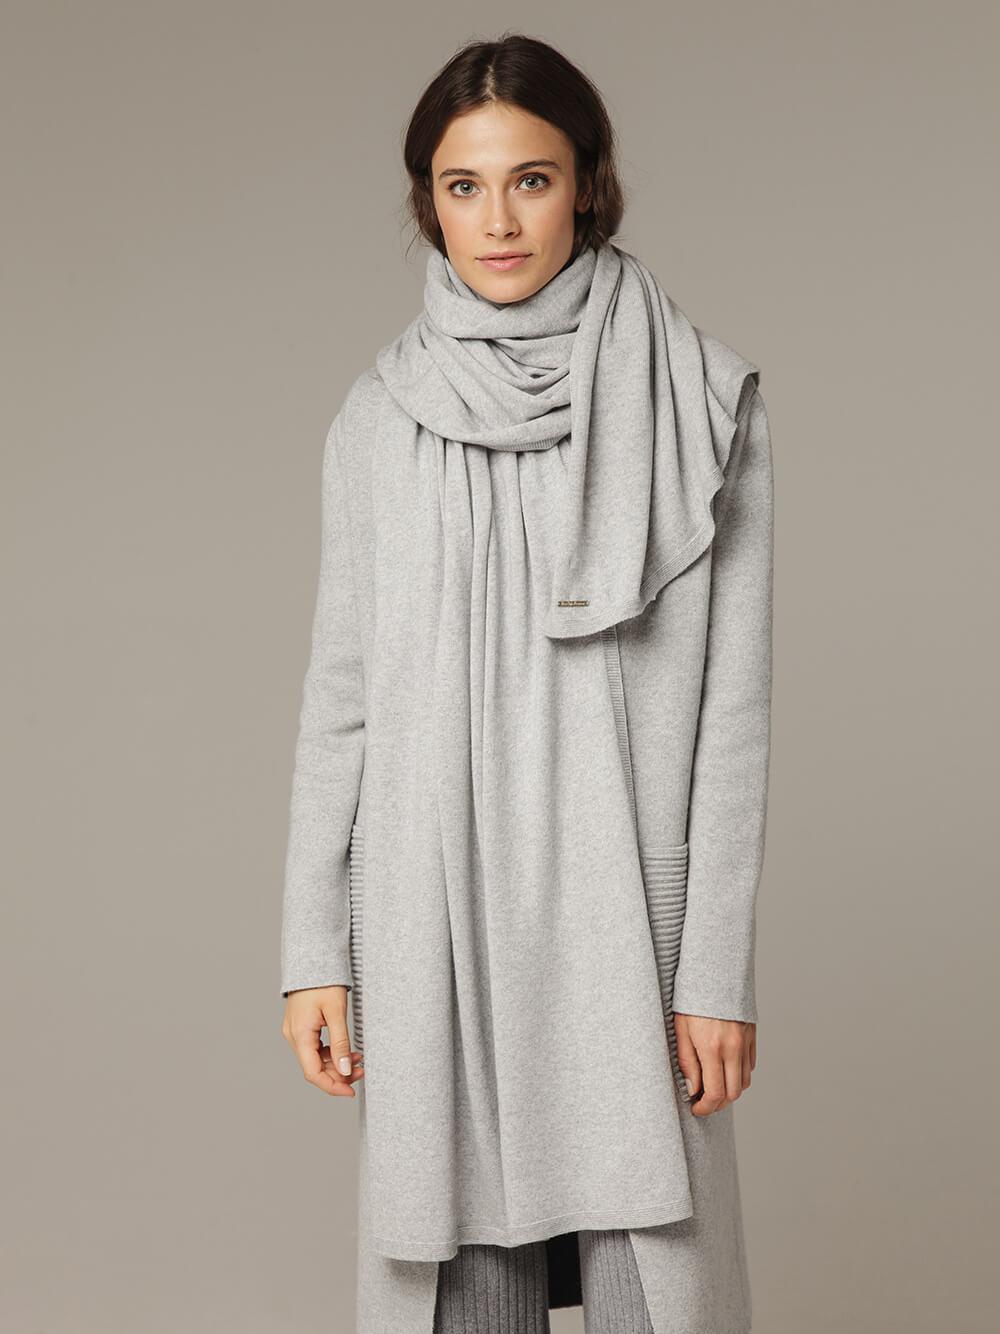 Женский шарф с добавлением кашемира - фото 1